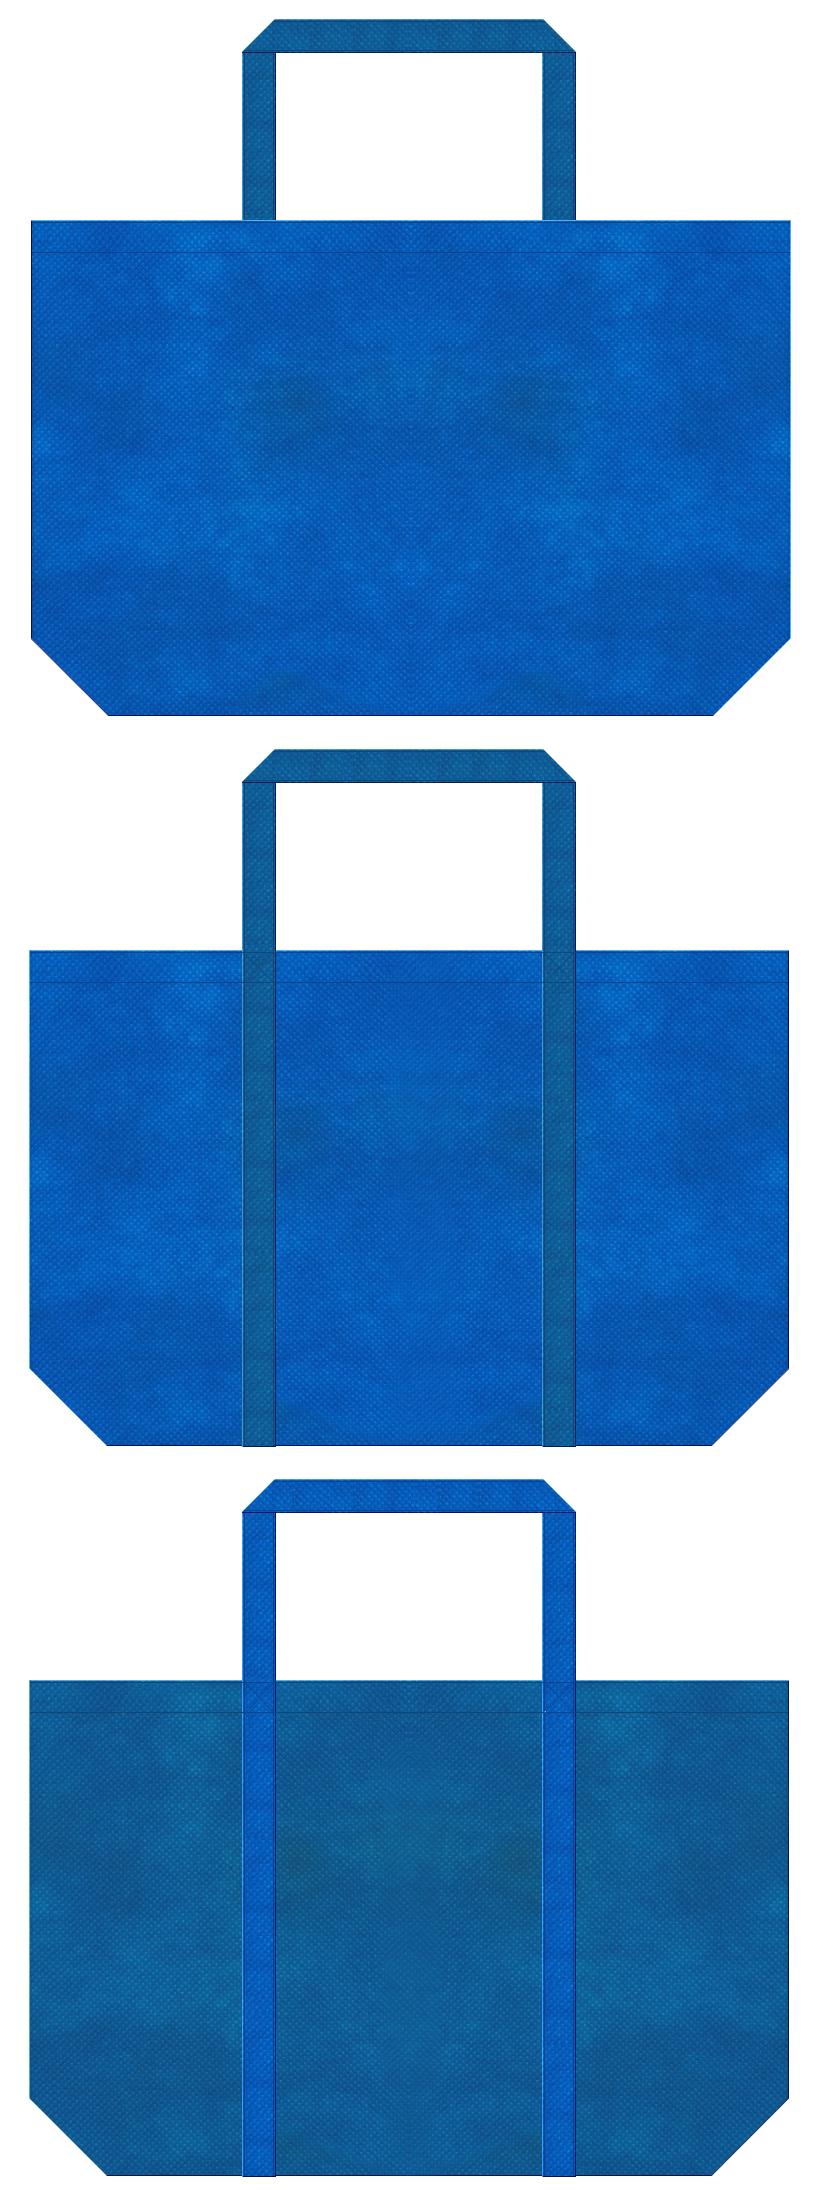 不織布トートバッグ 舟底タイプ 不織布カラーNo.22スカイブルーとNo.28スポルトブルーの組み合わせ